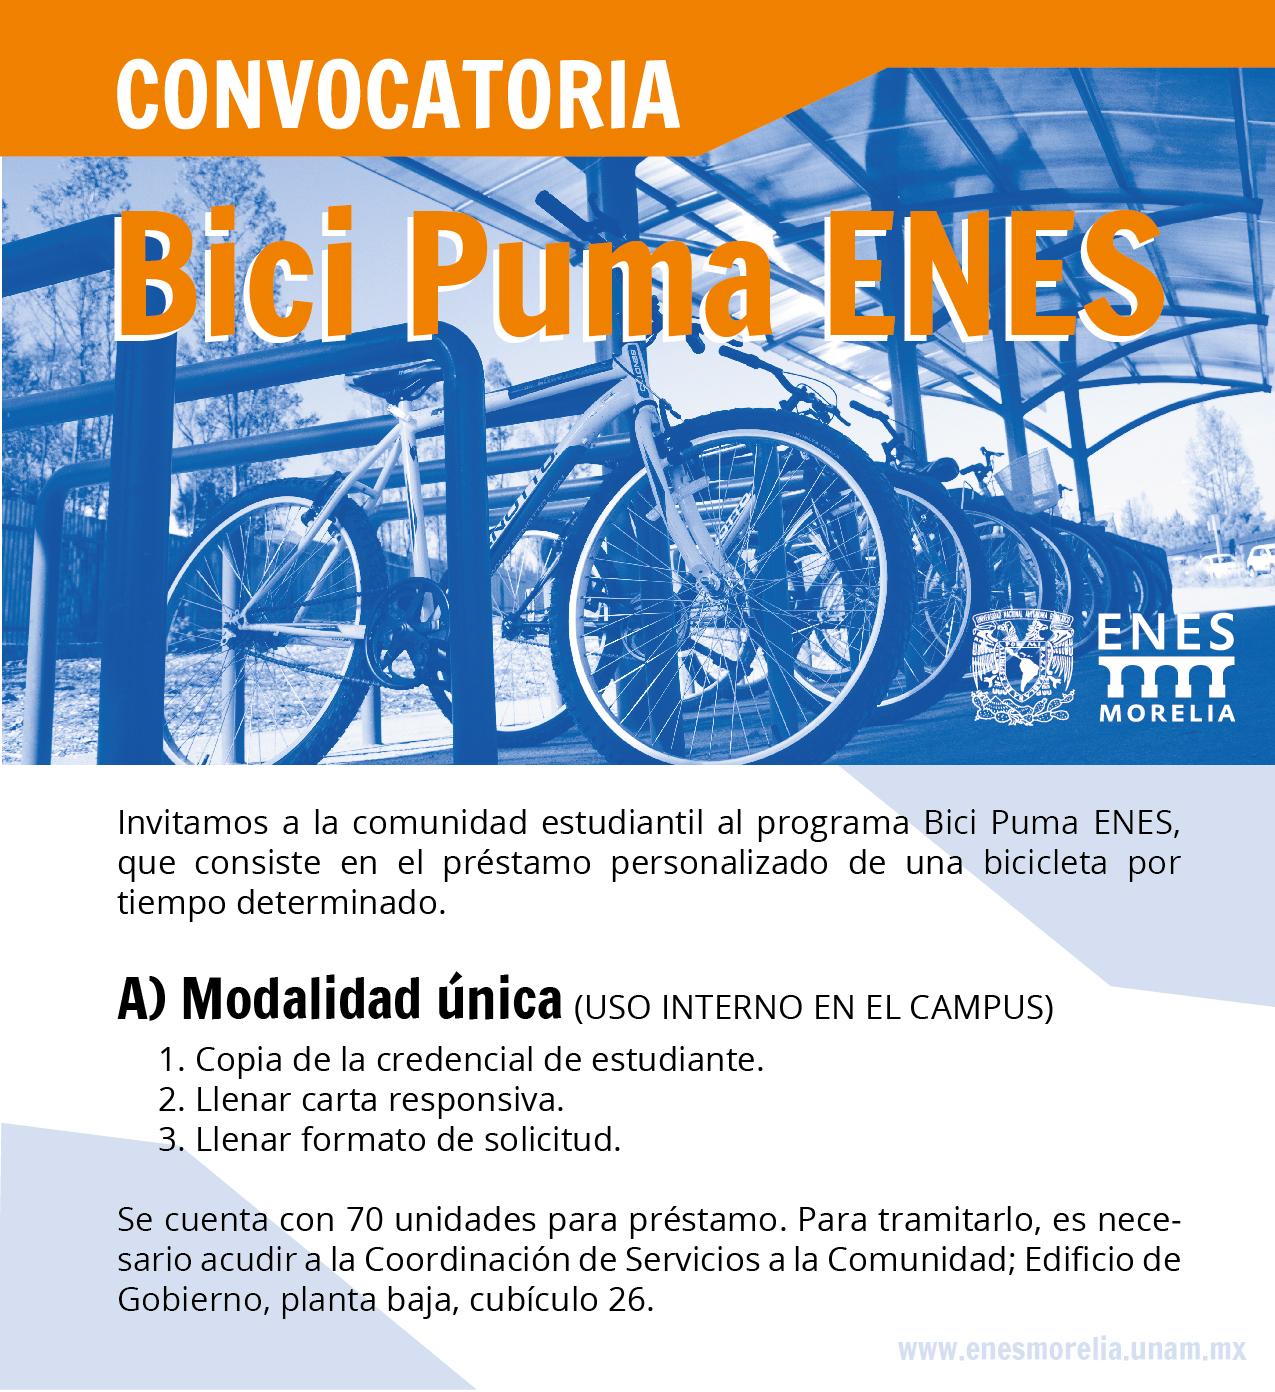 Convocatoria-bicicletas-2019-01 (2)